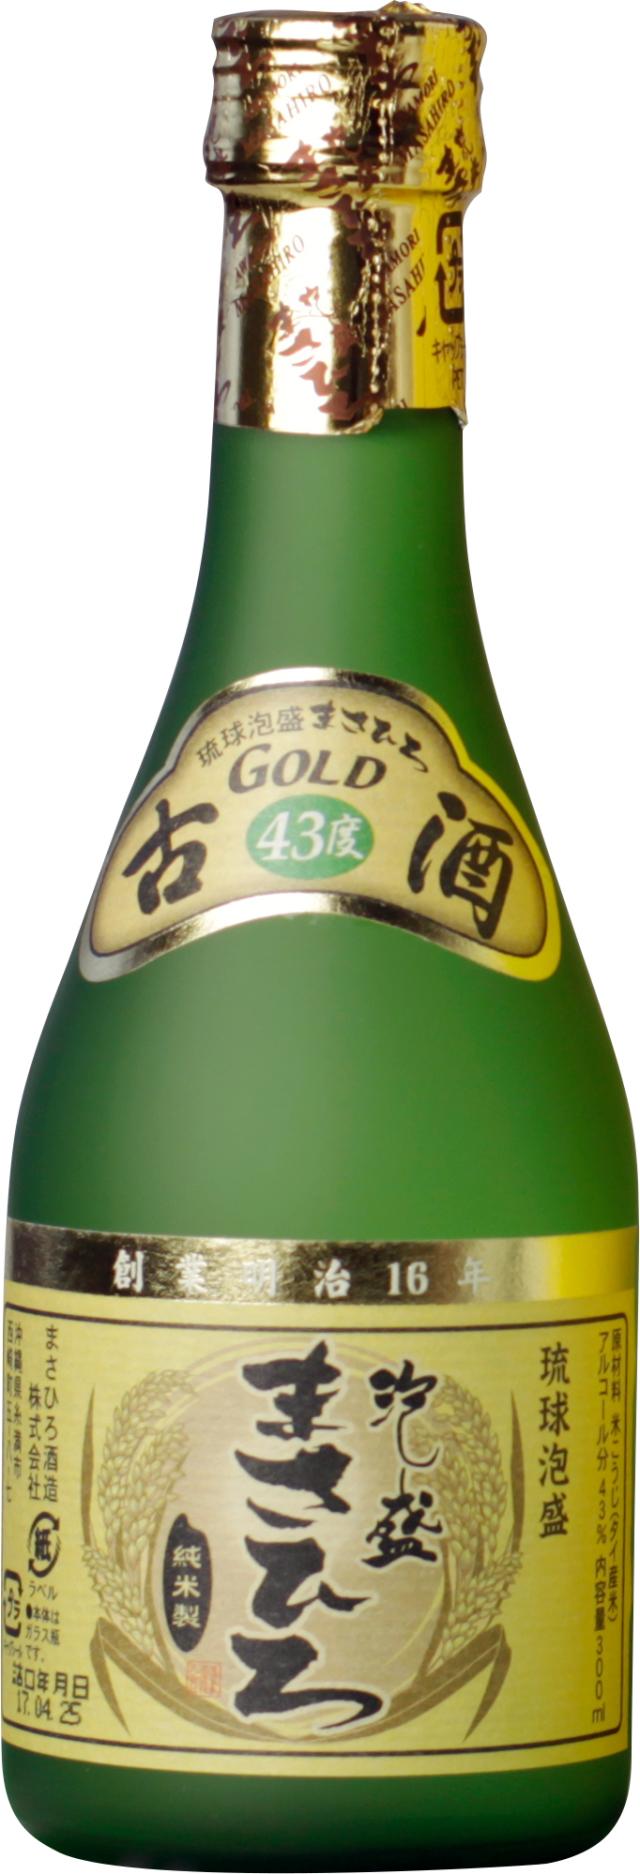 まさひろゴールド 古酒 43度 300ml